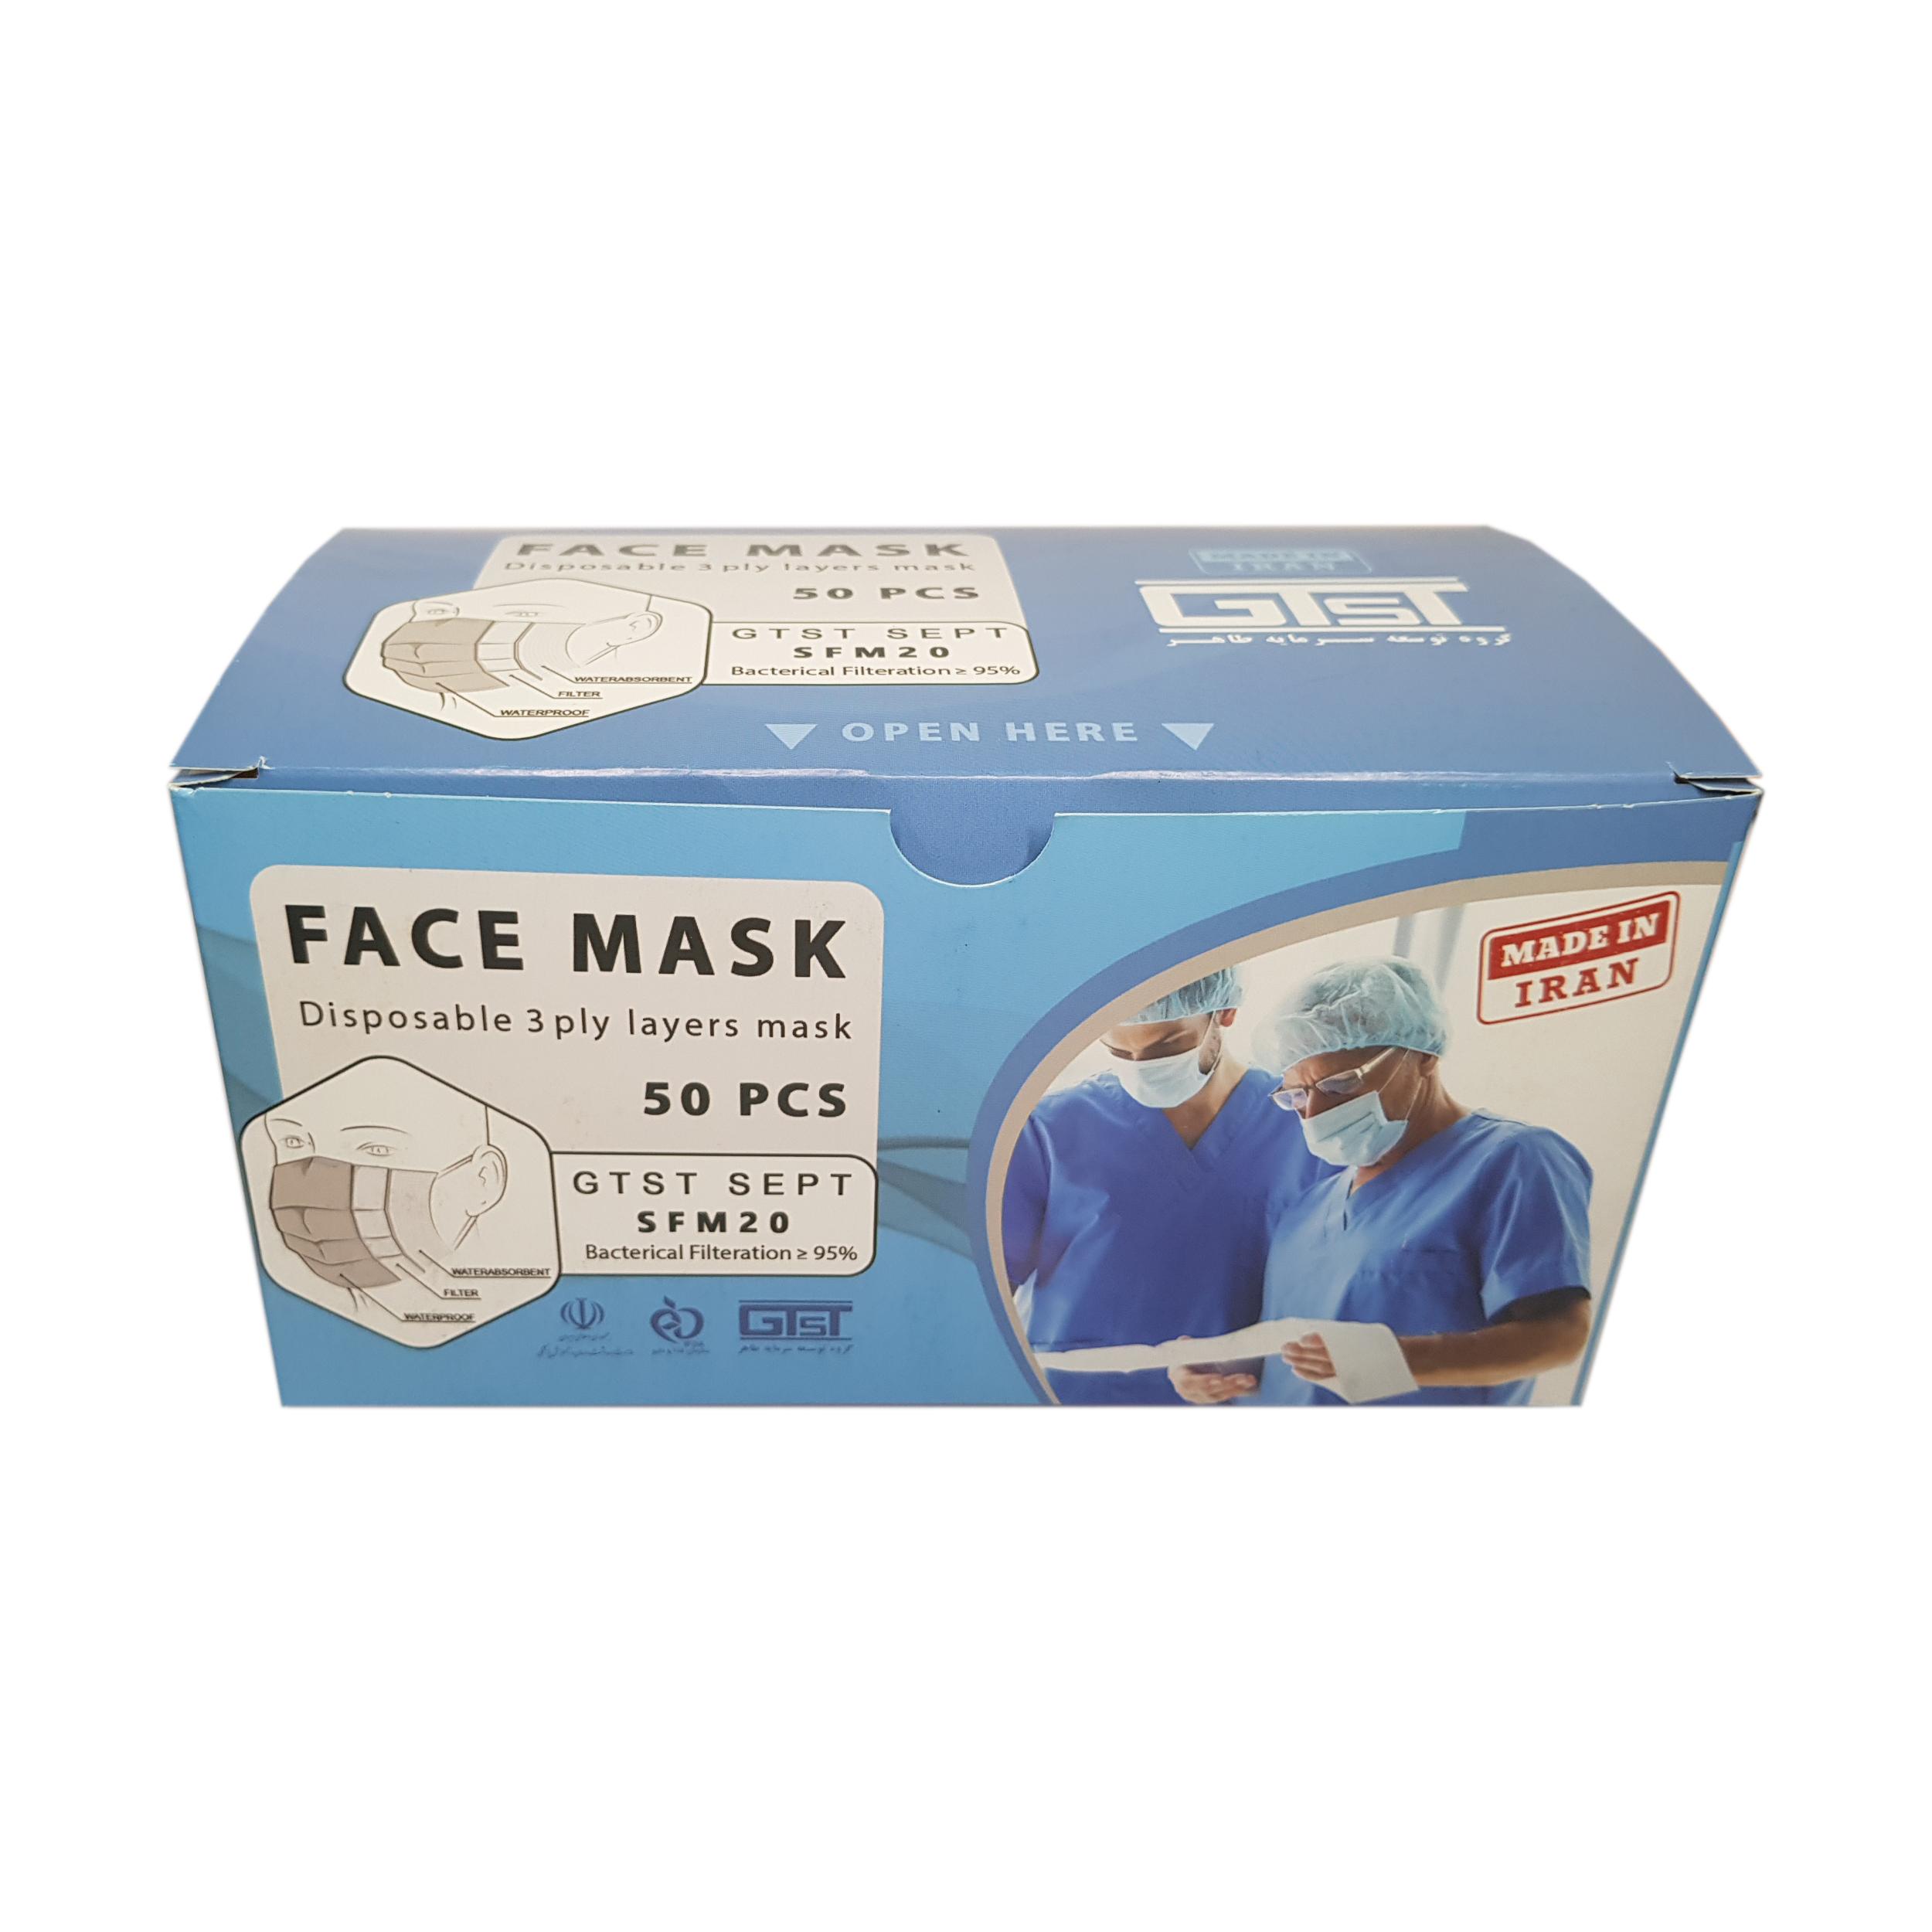 ماسک تنفسی مدل sfm20 بسته 50 عددی